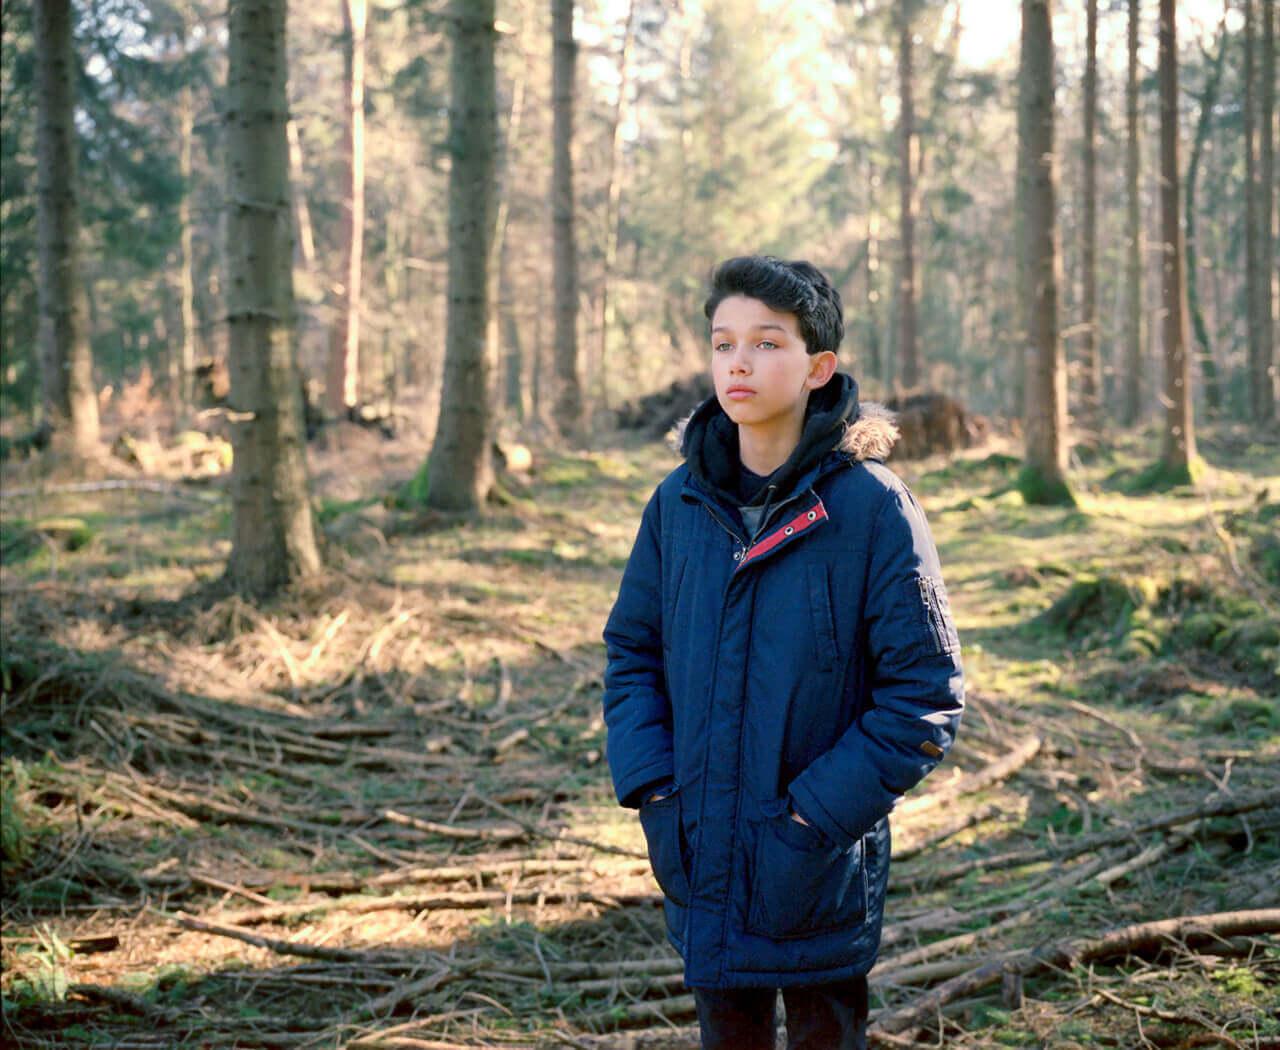 49_woodlandwonderland_18-Kopie_compressed